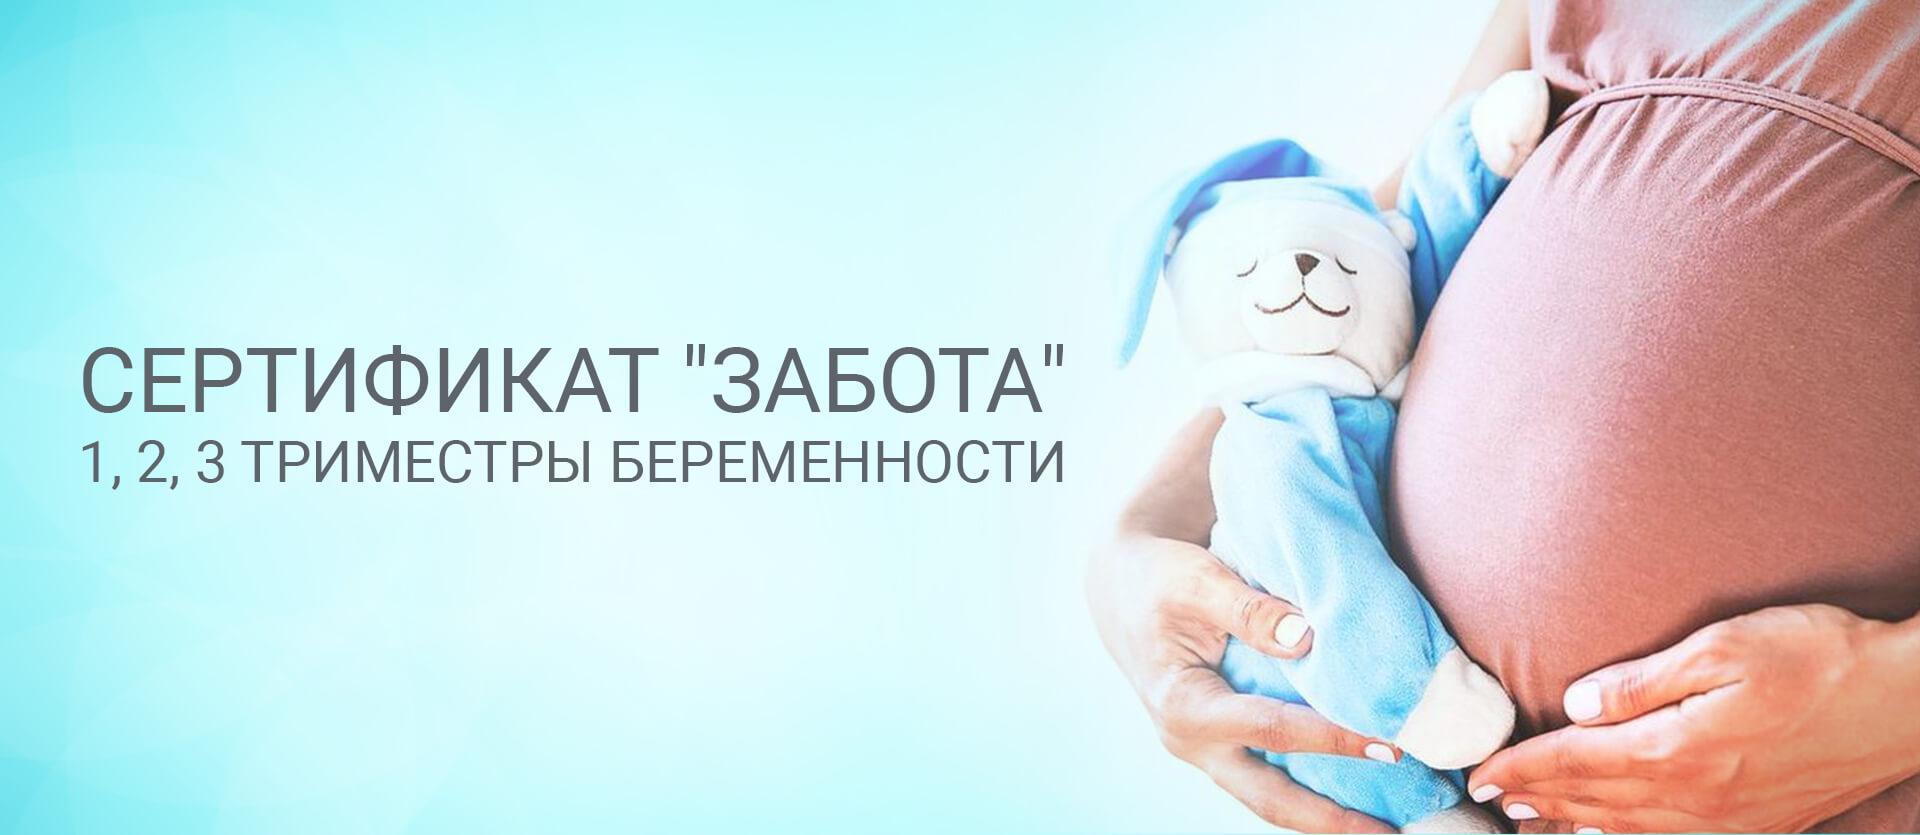 Сертификат «Забота» 1,2,3 триместры беременности